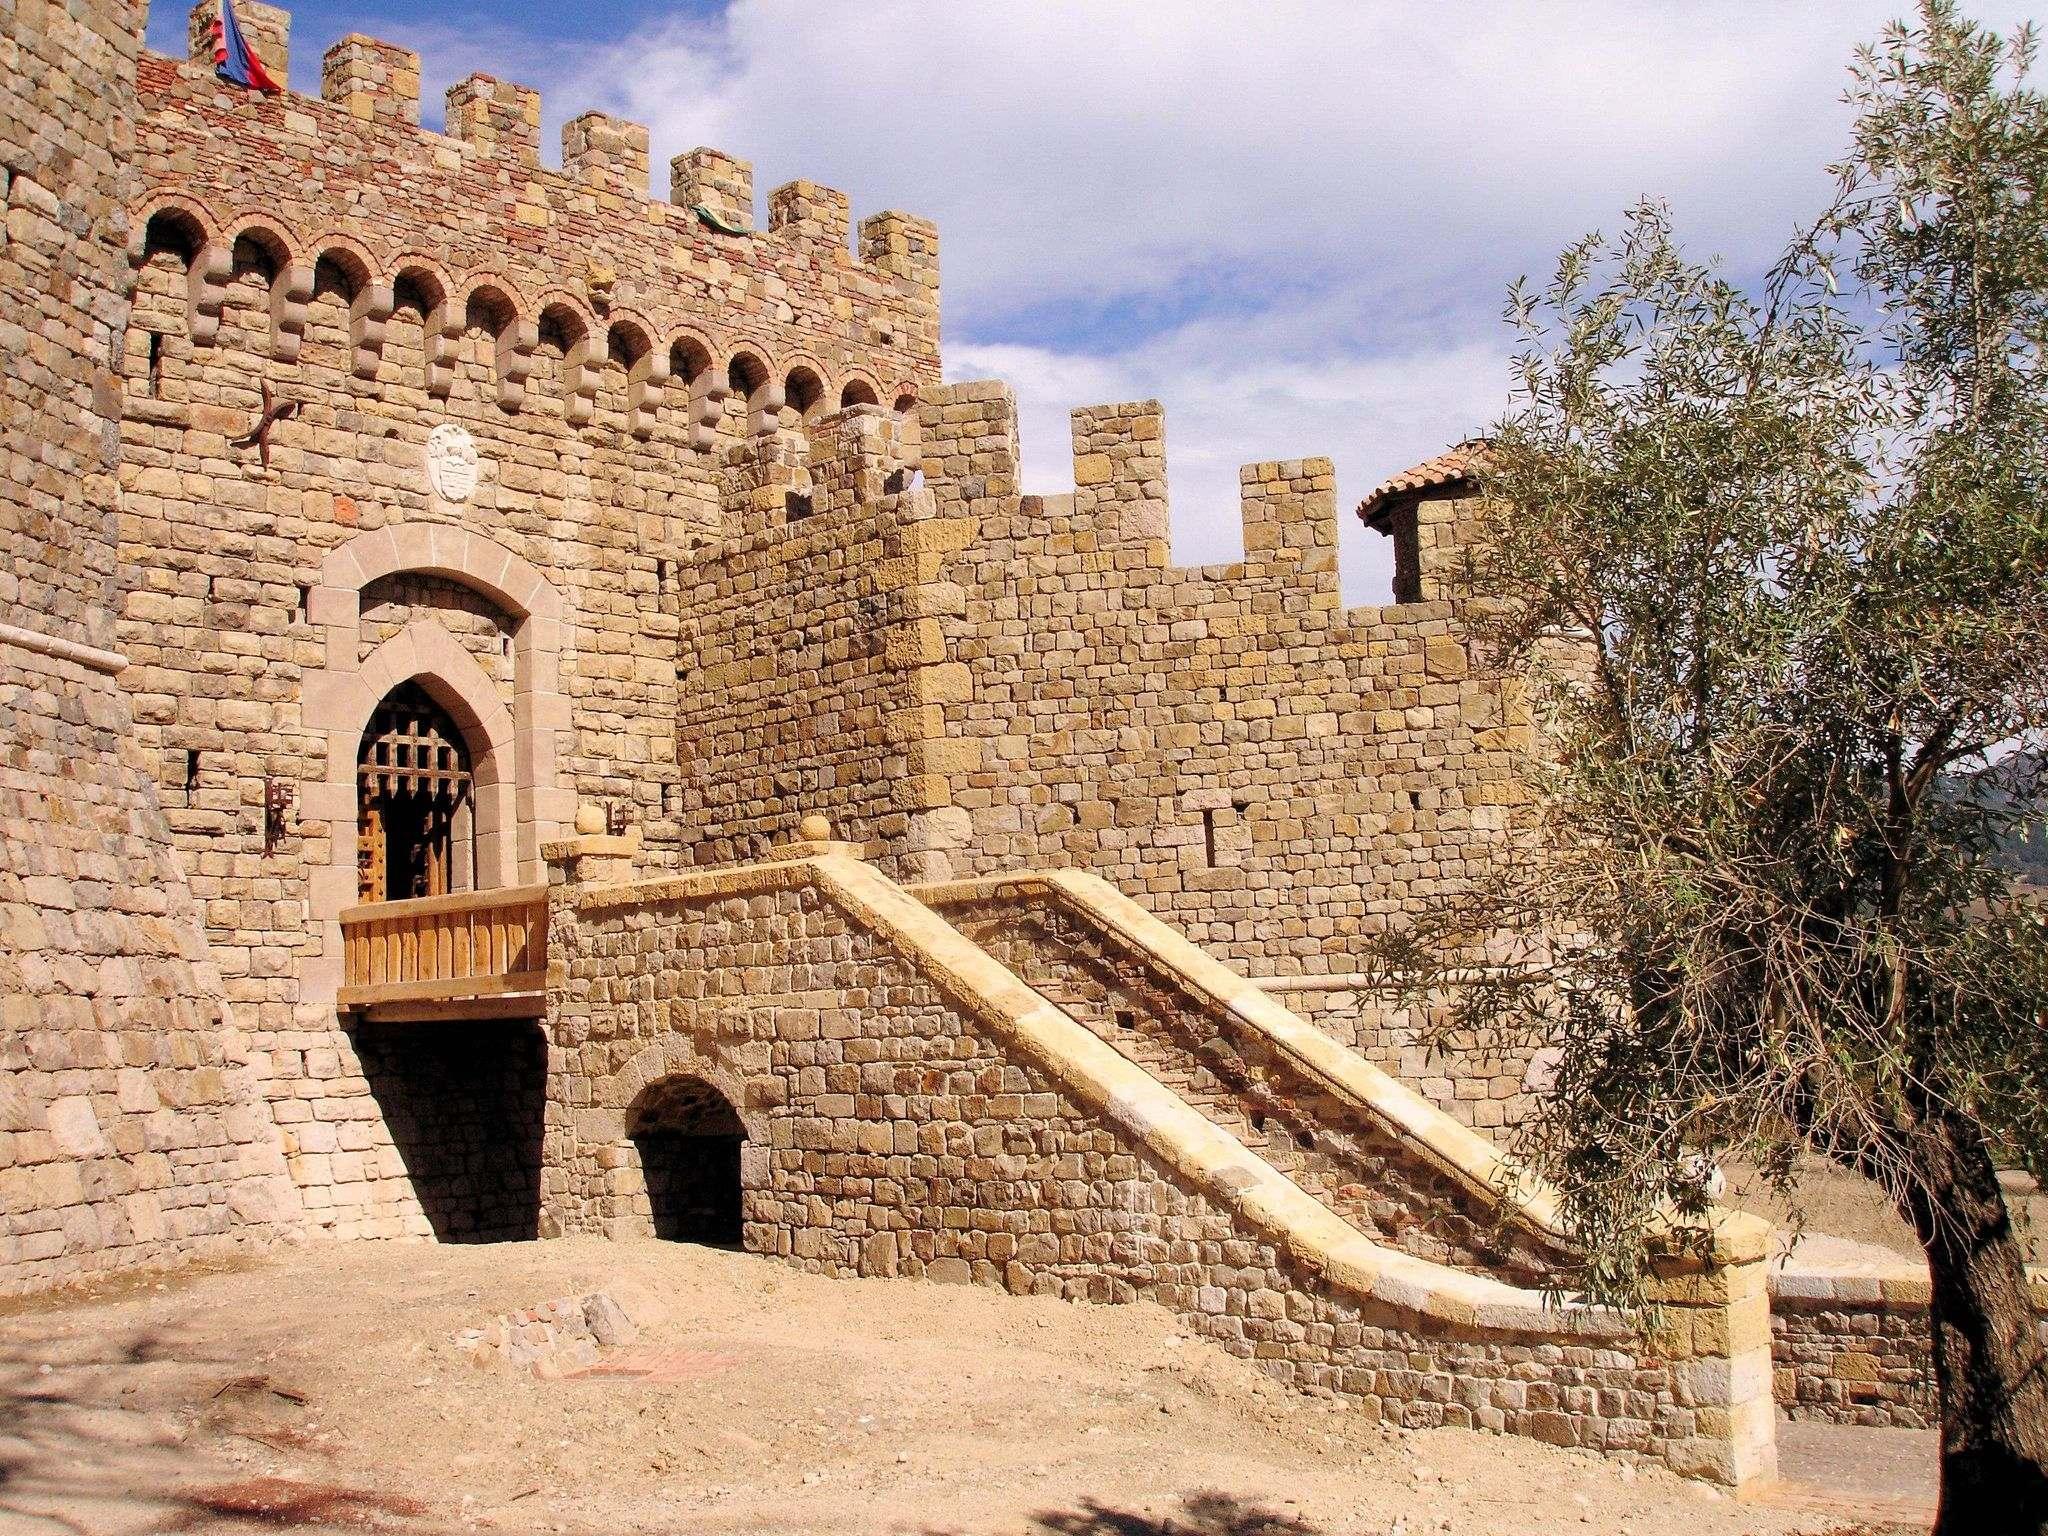 castello di amorosa2 Castello di Amorosa Winery in Napa Valley, California